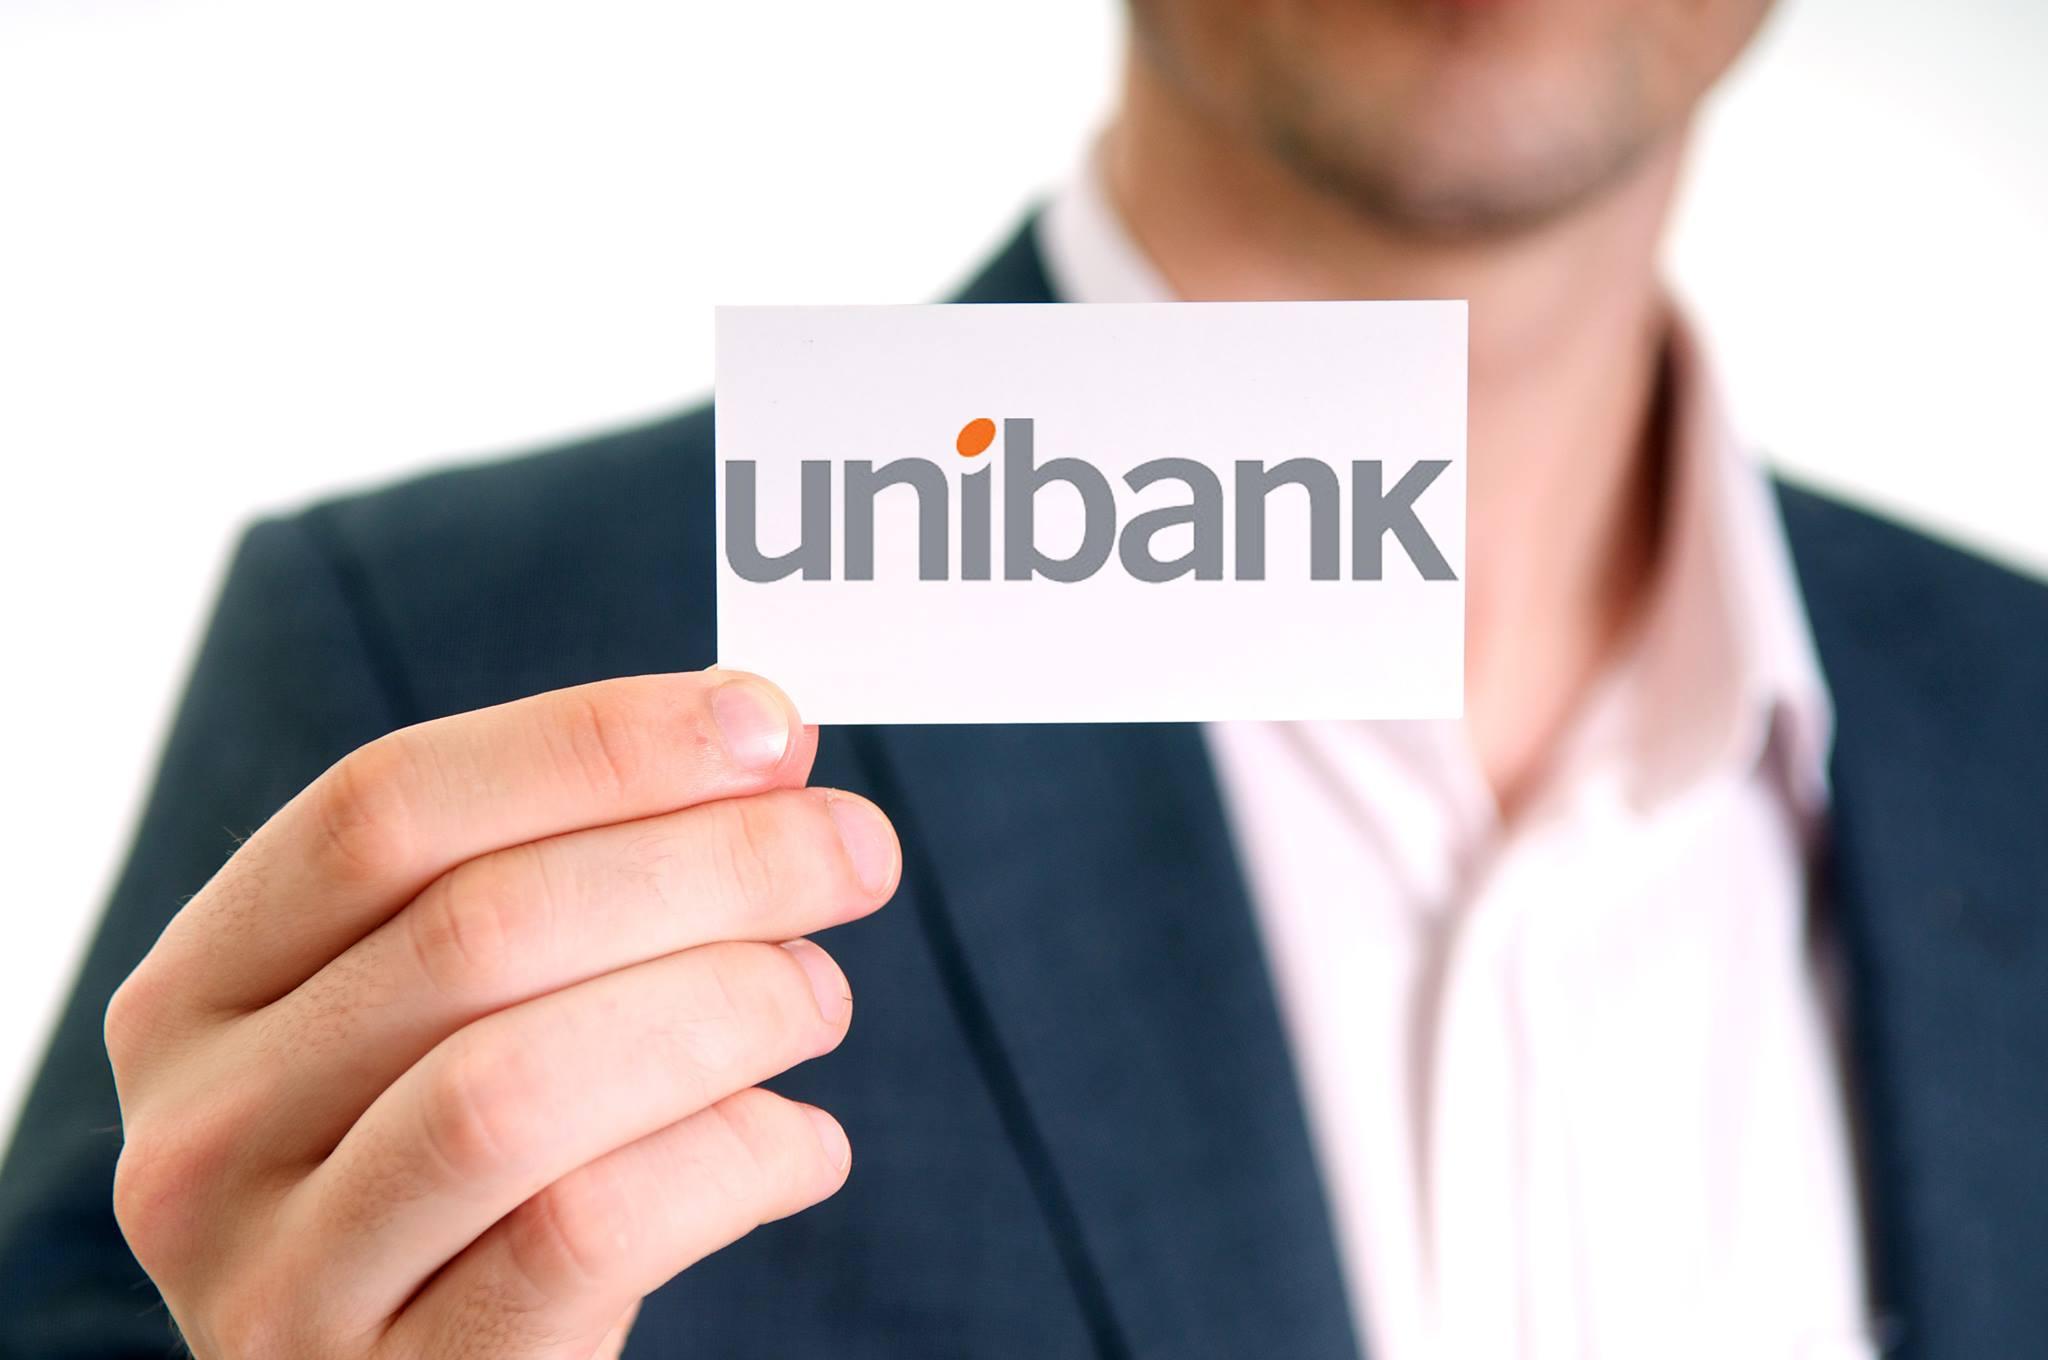 DİQQƏT: Unibank işçi axtarır!